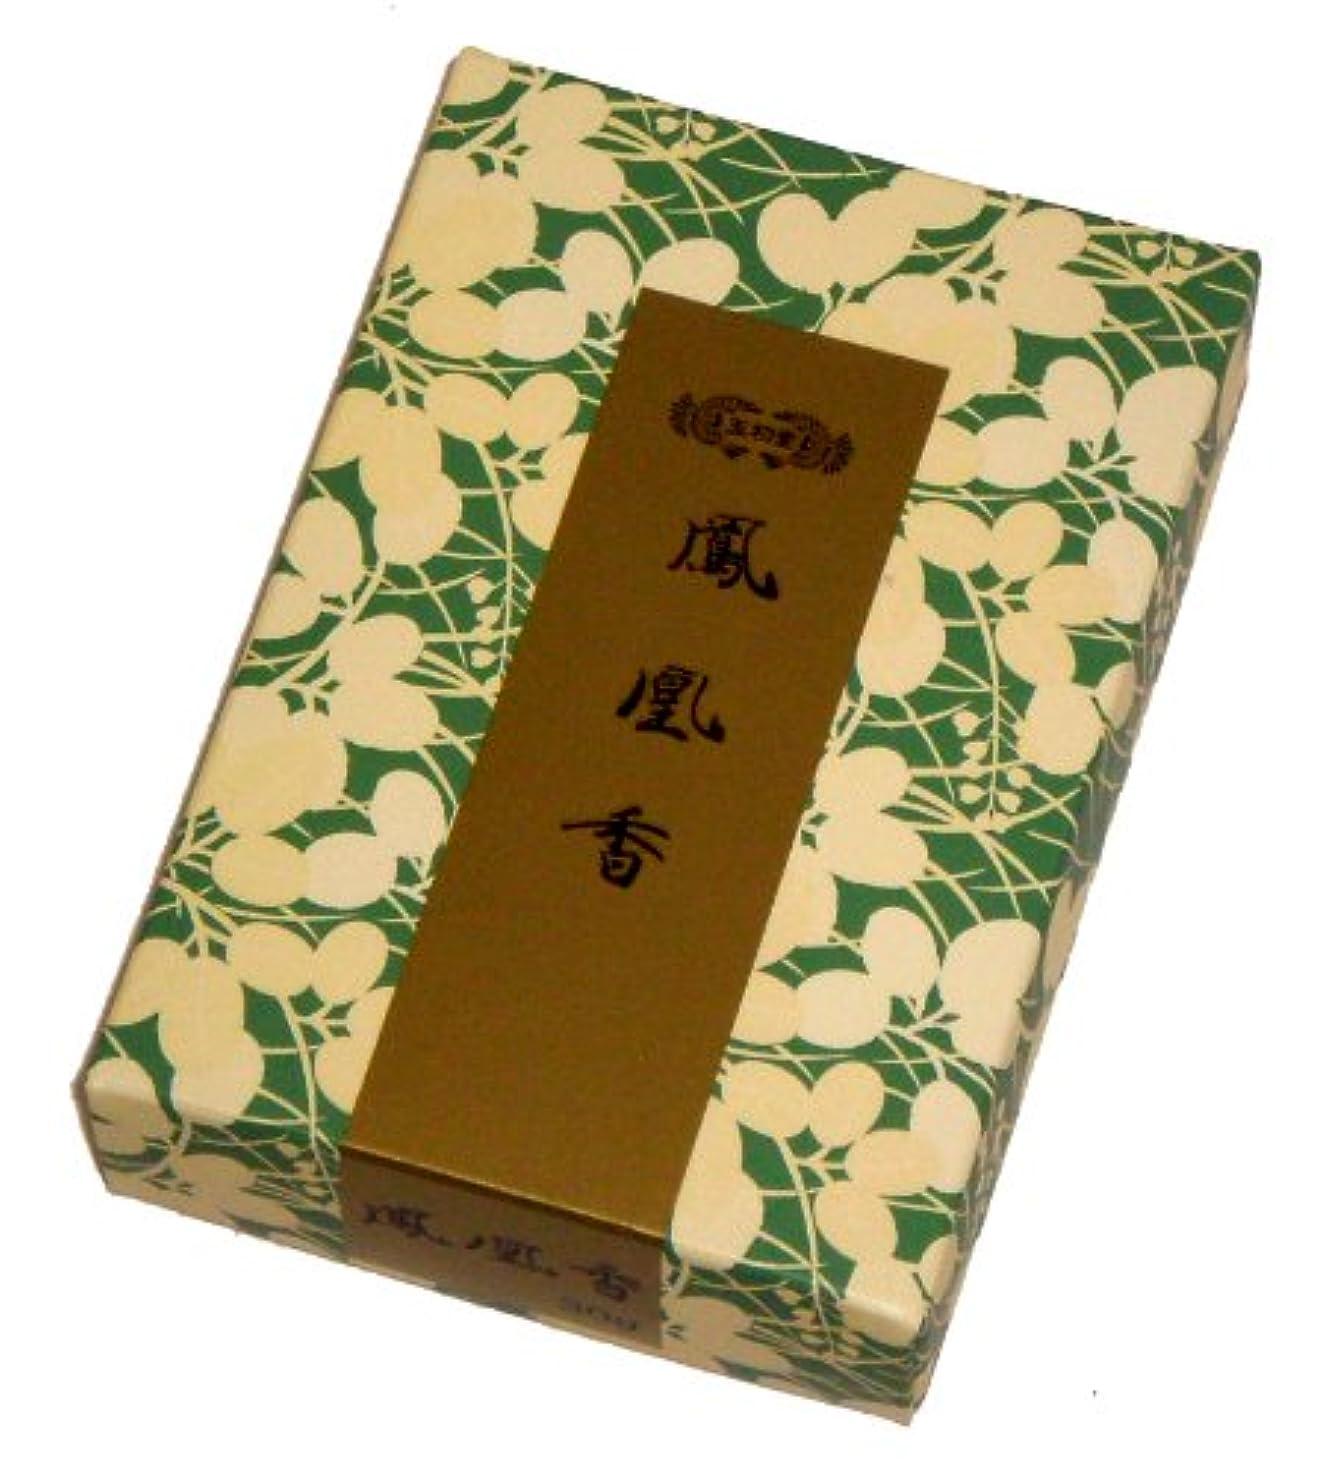 破産シダヒギンズ玉初堂のお香 鳳凰香 30g #685